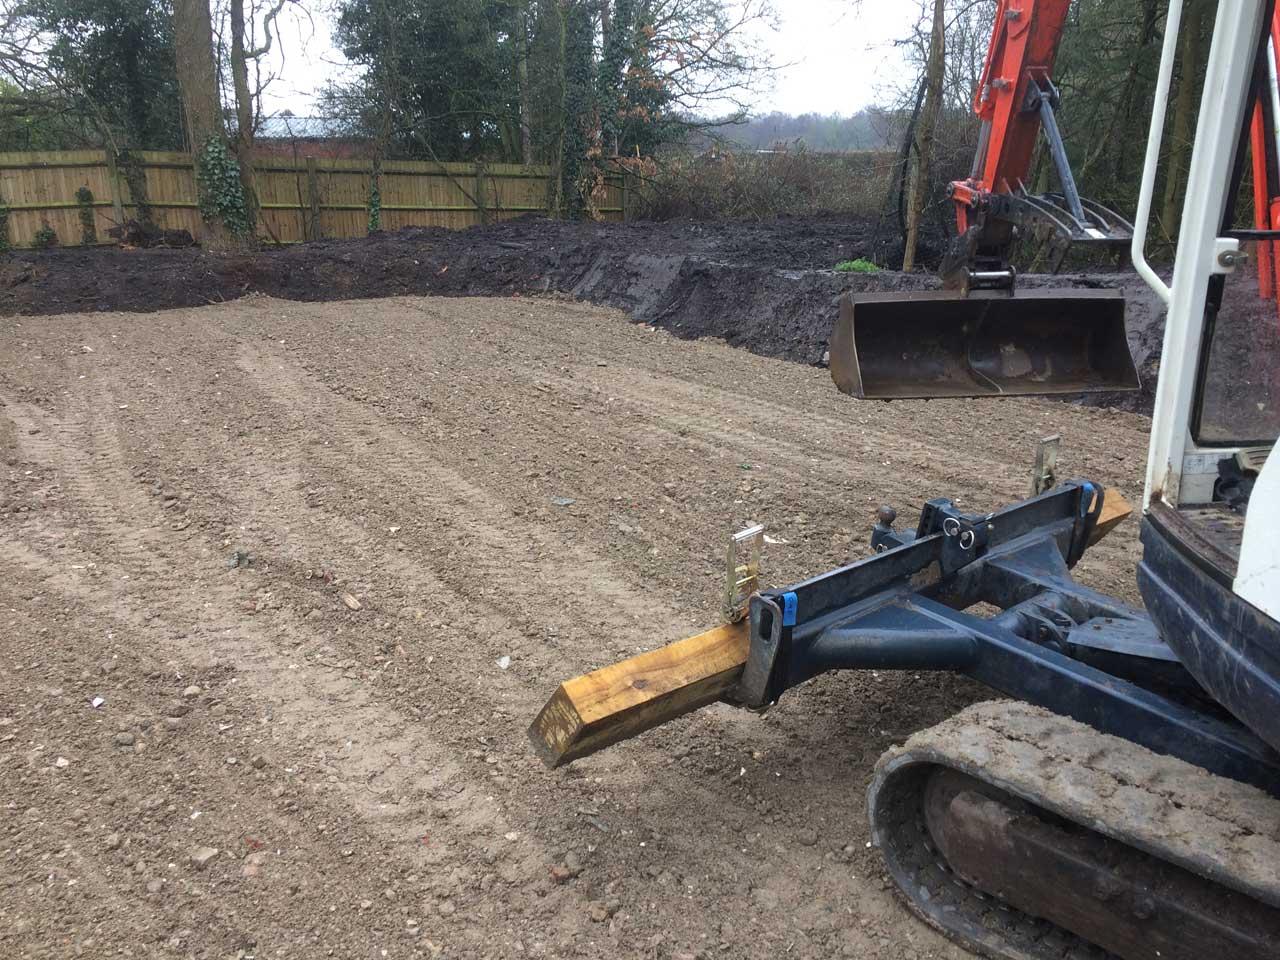 Image of Excavator hire - Car Park Construction Wokingham - Berkshire Hampshire Surrey - Car park driveway construction Holme Grange School Wokingham Berkshire - Let the Digger Do It